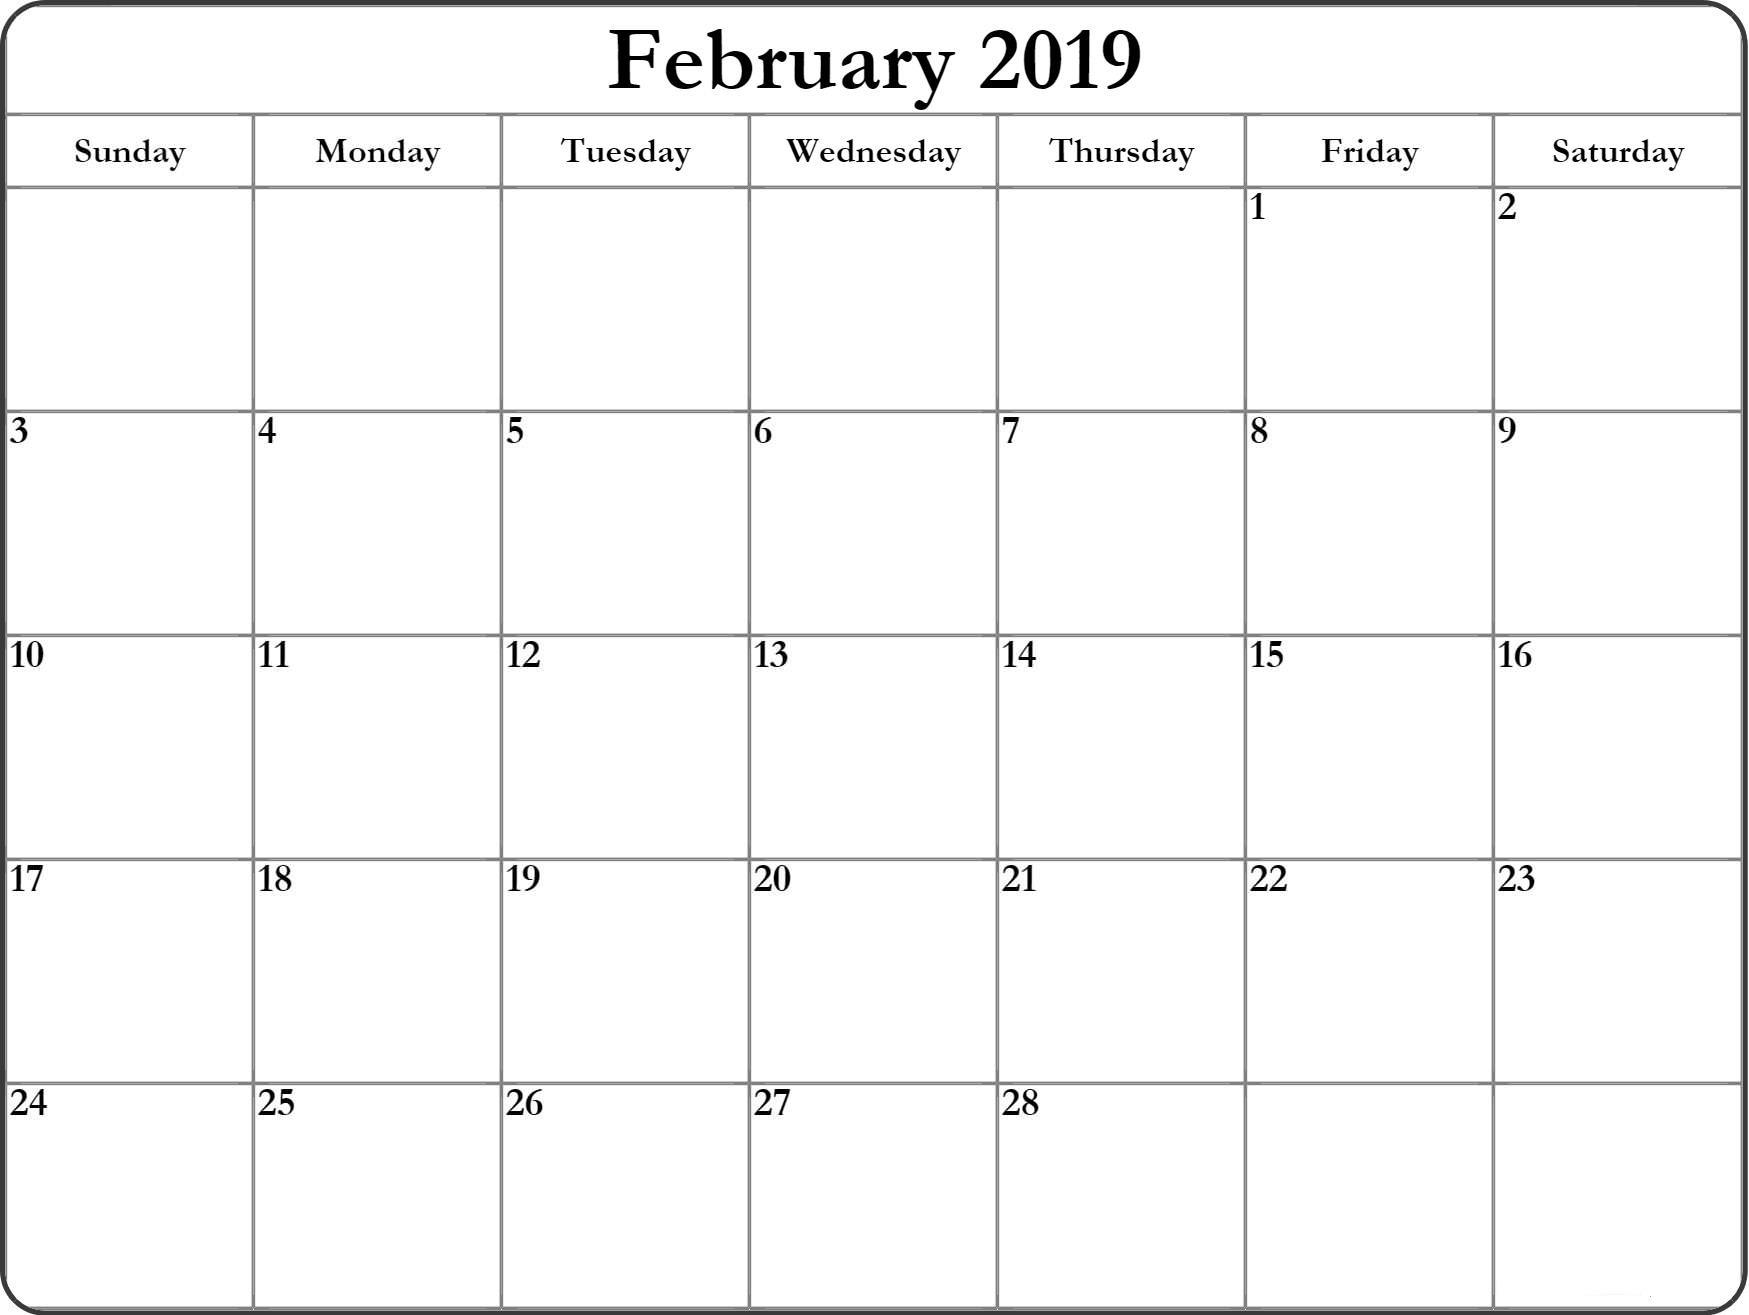 february 2019 printable calendar february 2019 calendar printable::February 2019 Calendar Australia